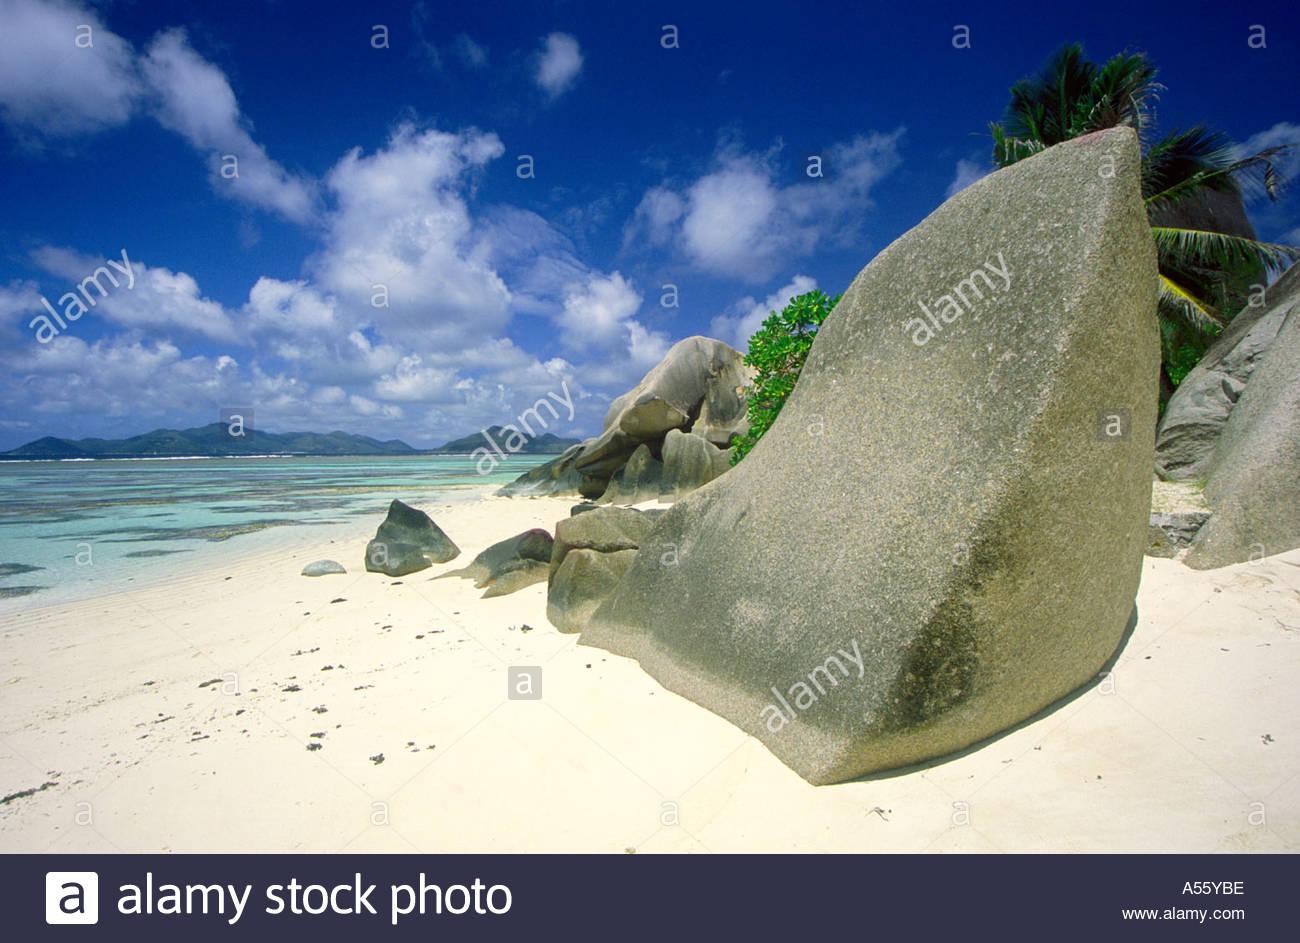 Rock on beach, Anse Le Source D'Argent, La Digue, Seychelles - Stock Image